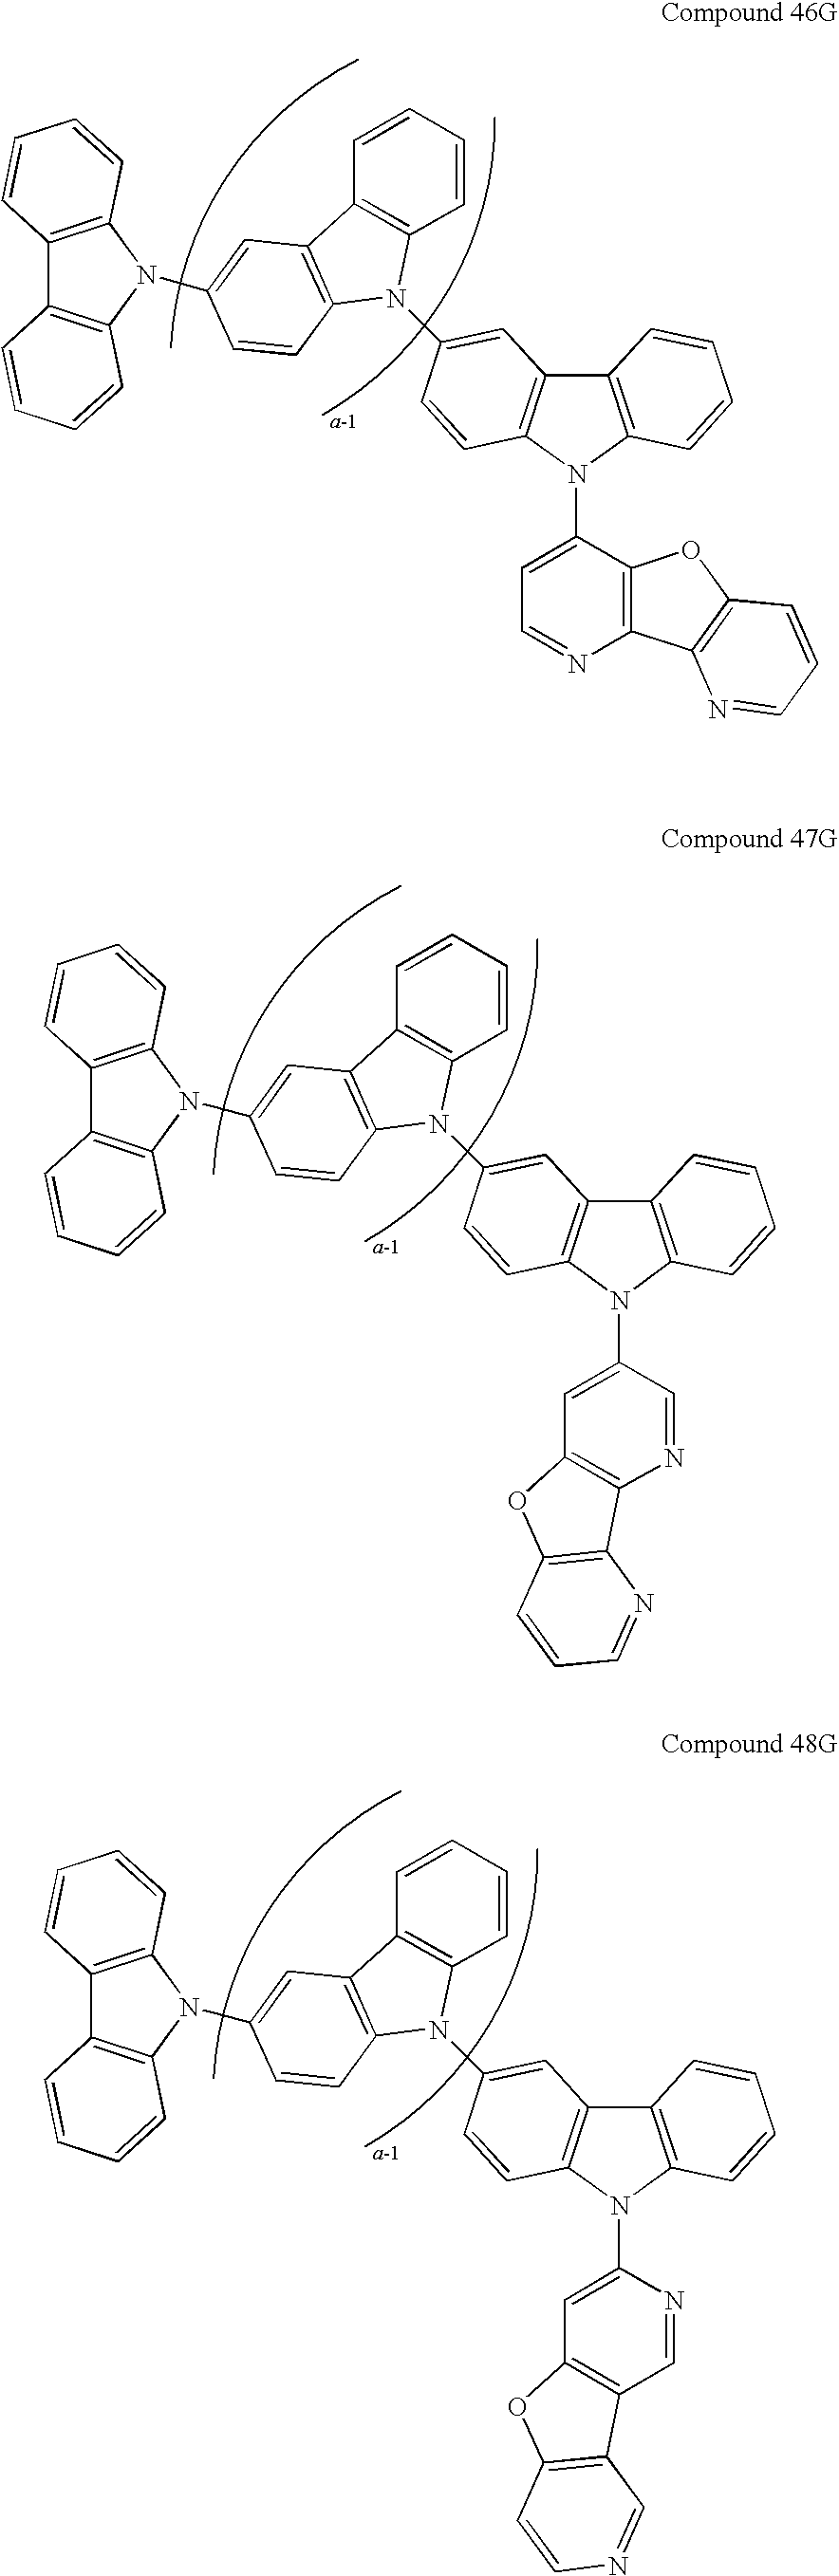 Figure US20090134784A1-20090528-C00019